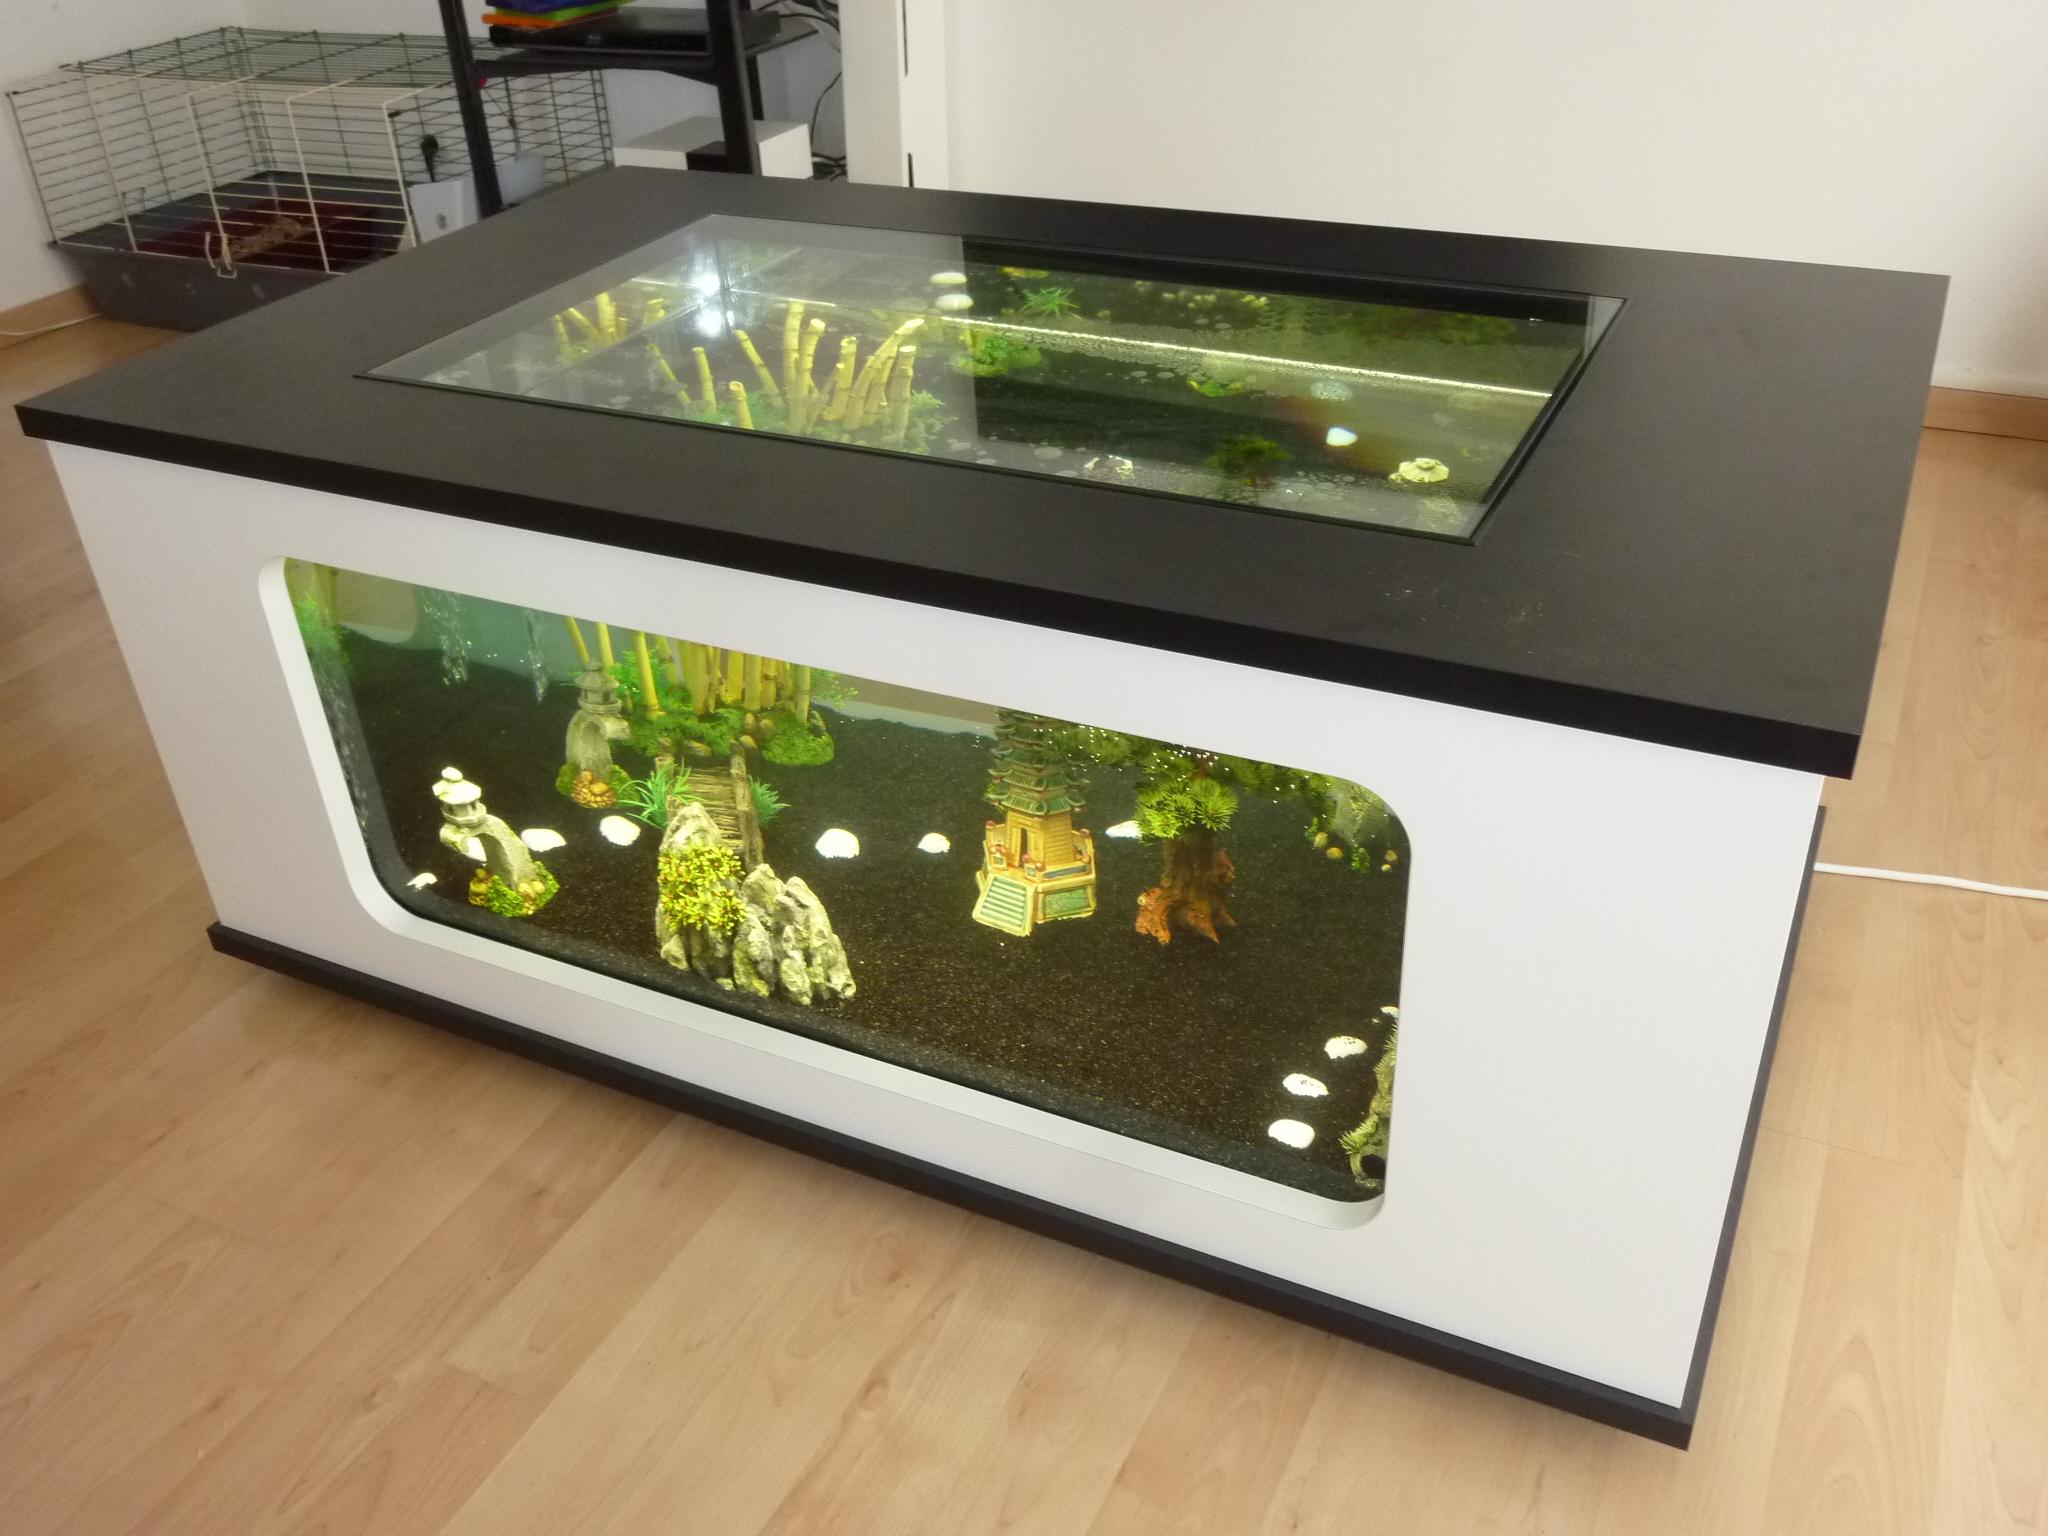 Table basse aquarium ronde